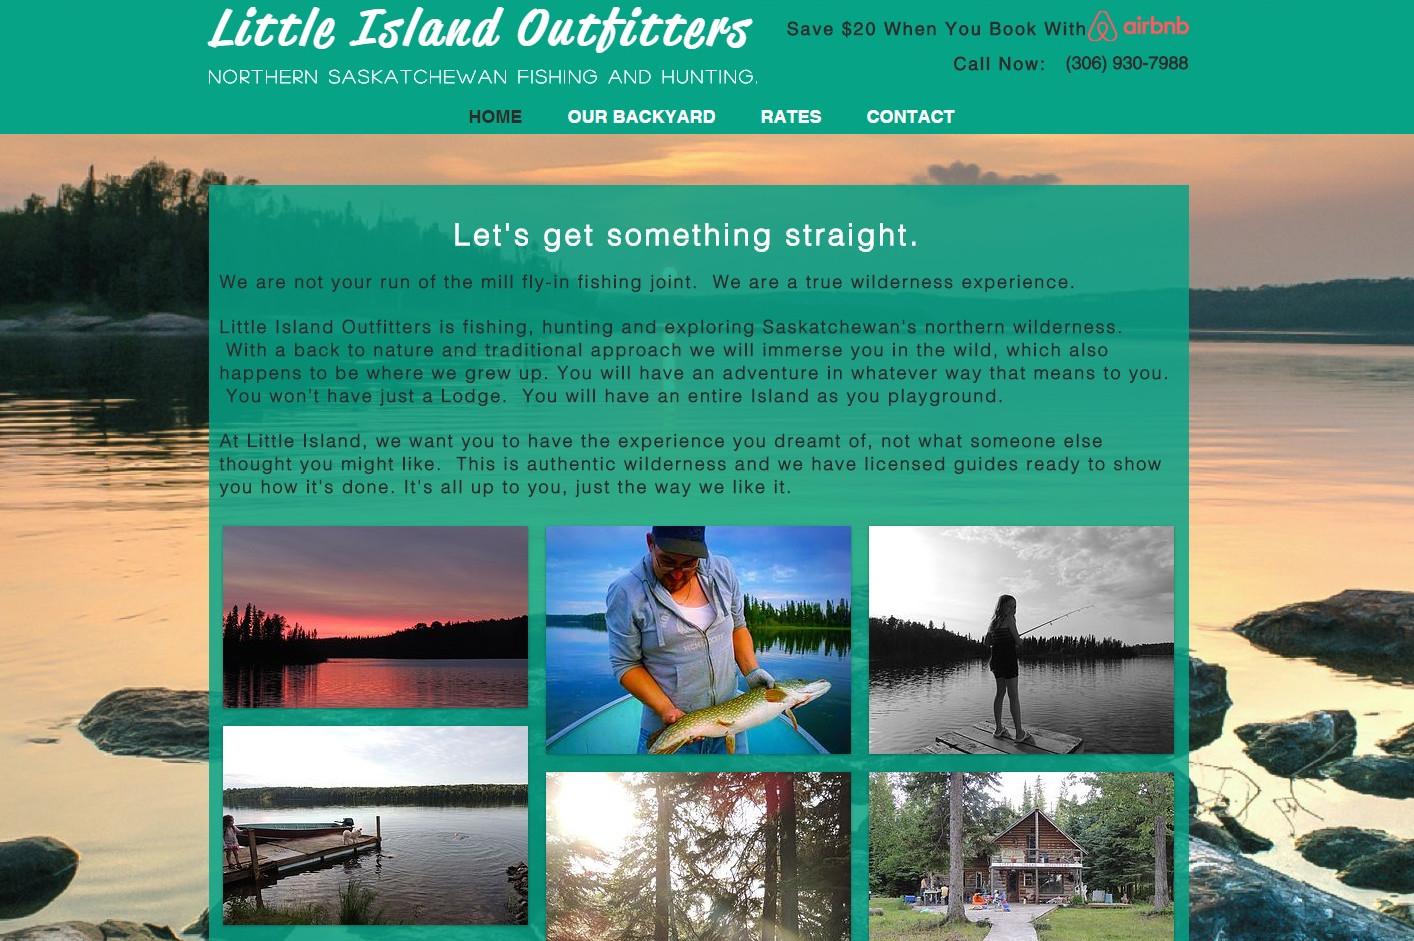 www.littleislandoutfitters.com